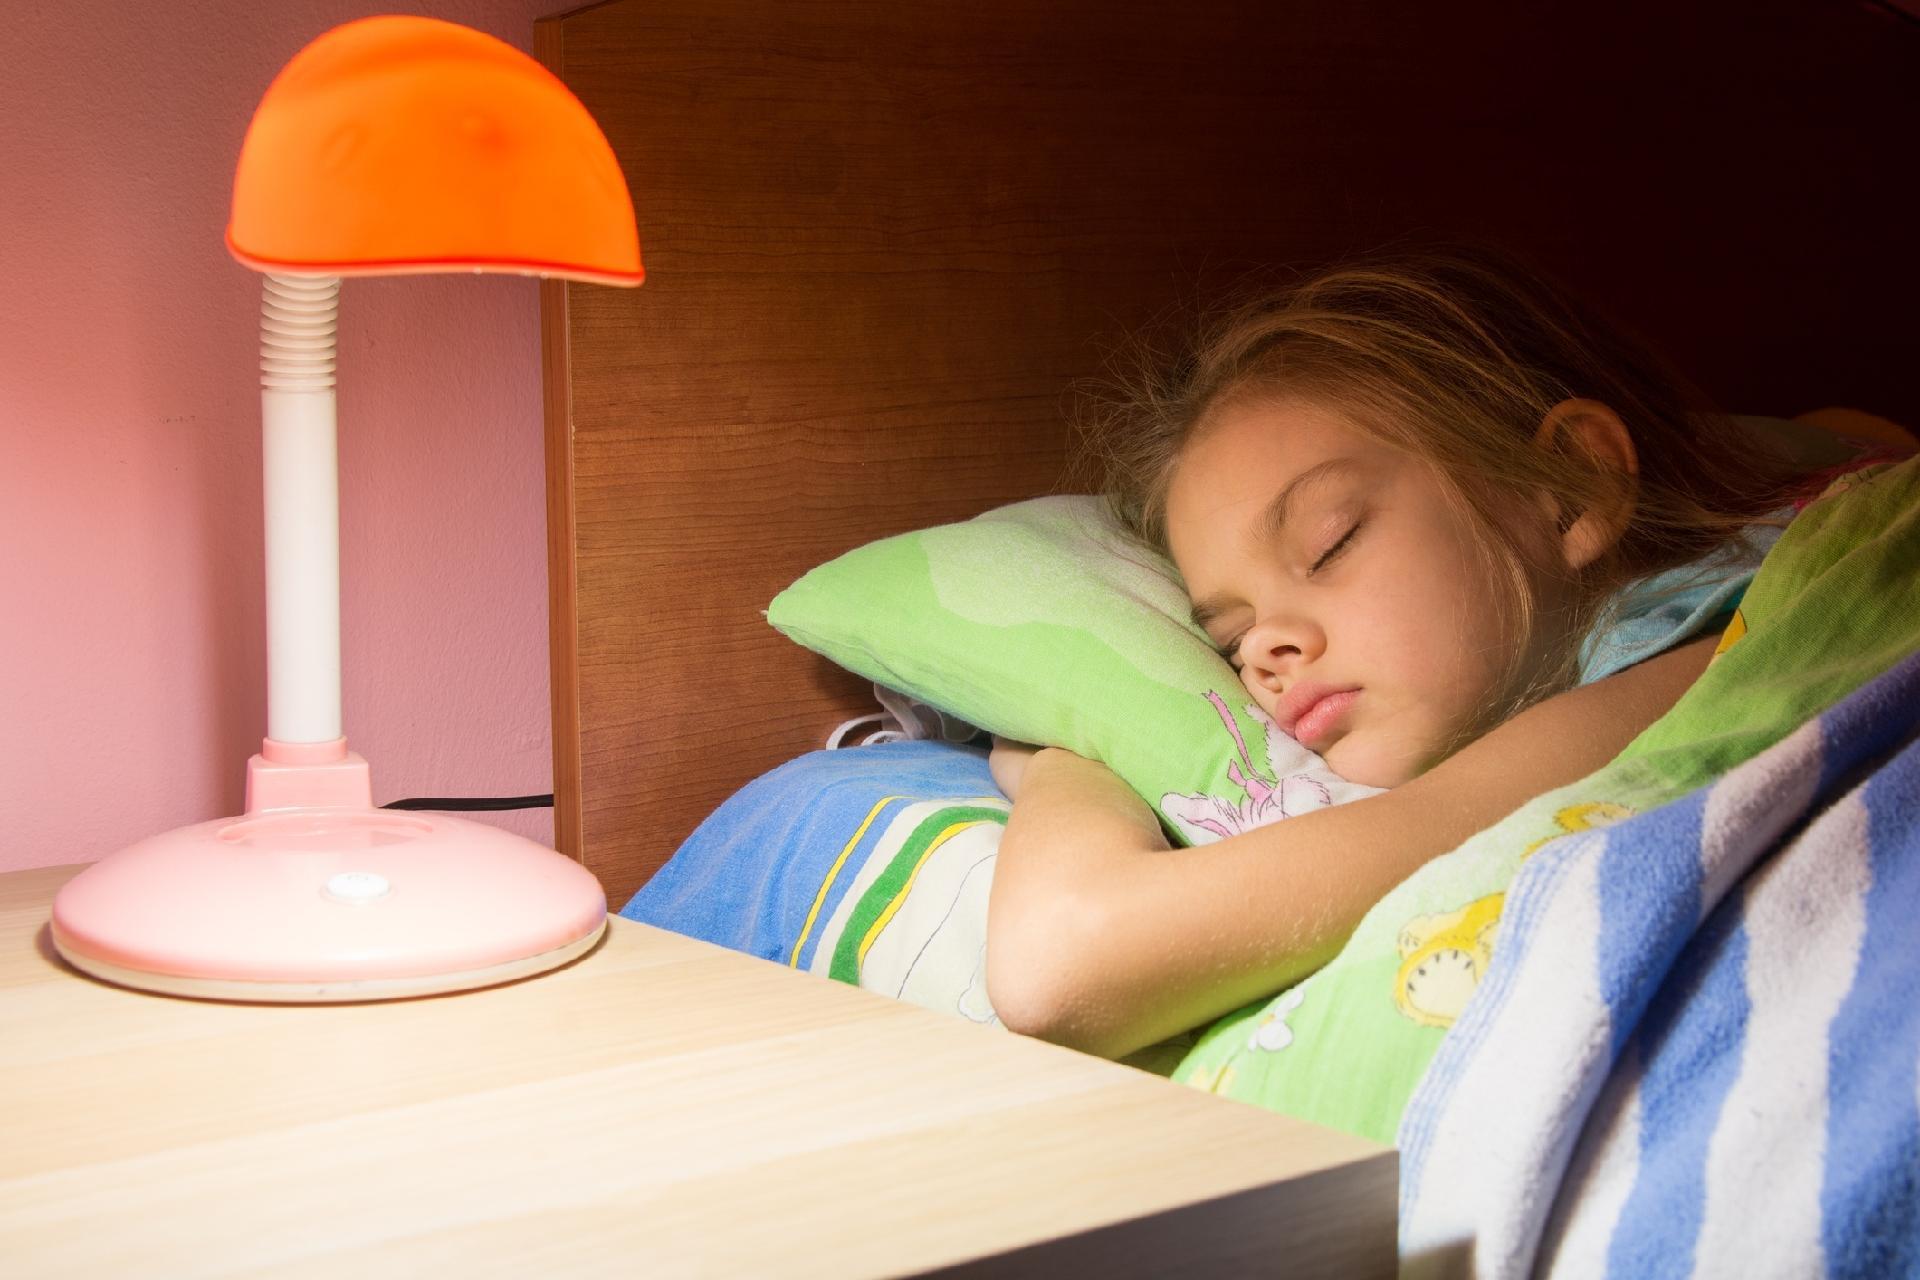 Dormir com luz acesa pode contribuir para o ganho de peso